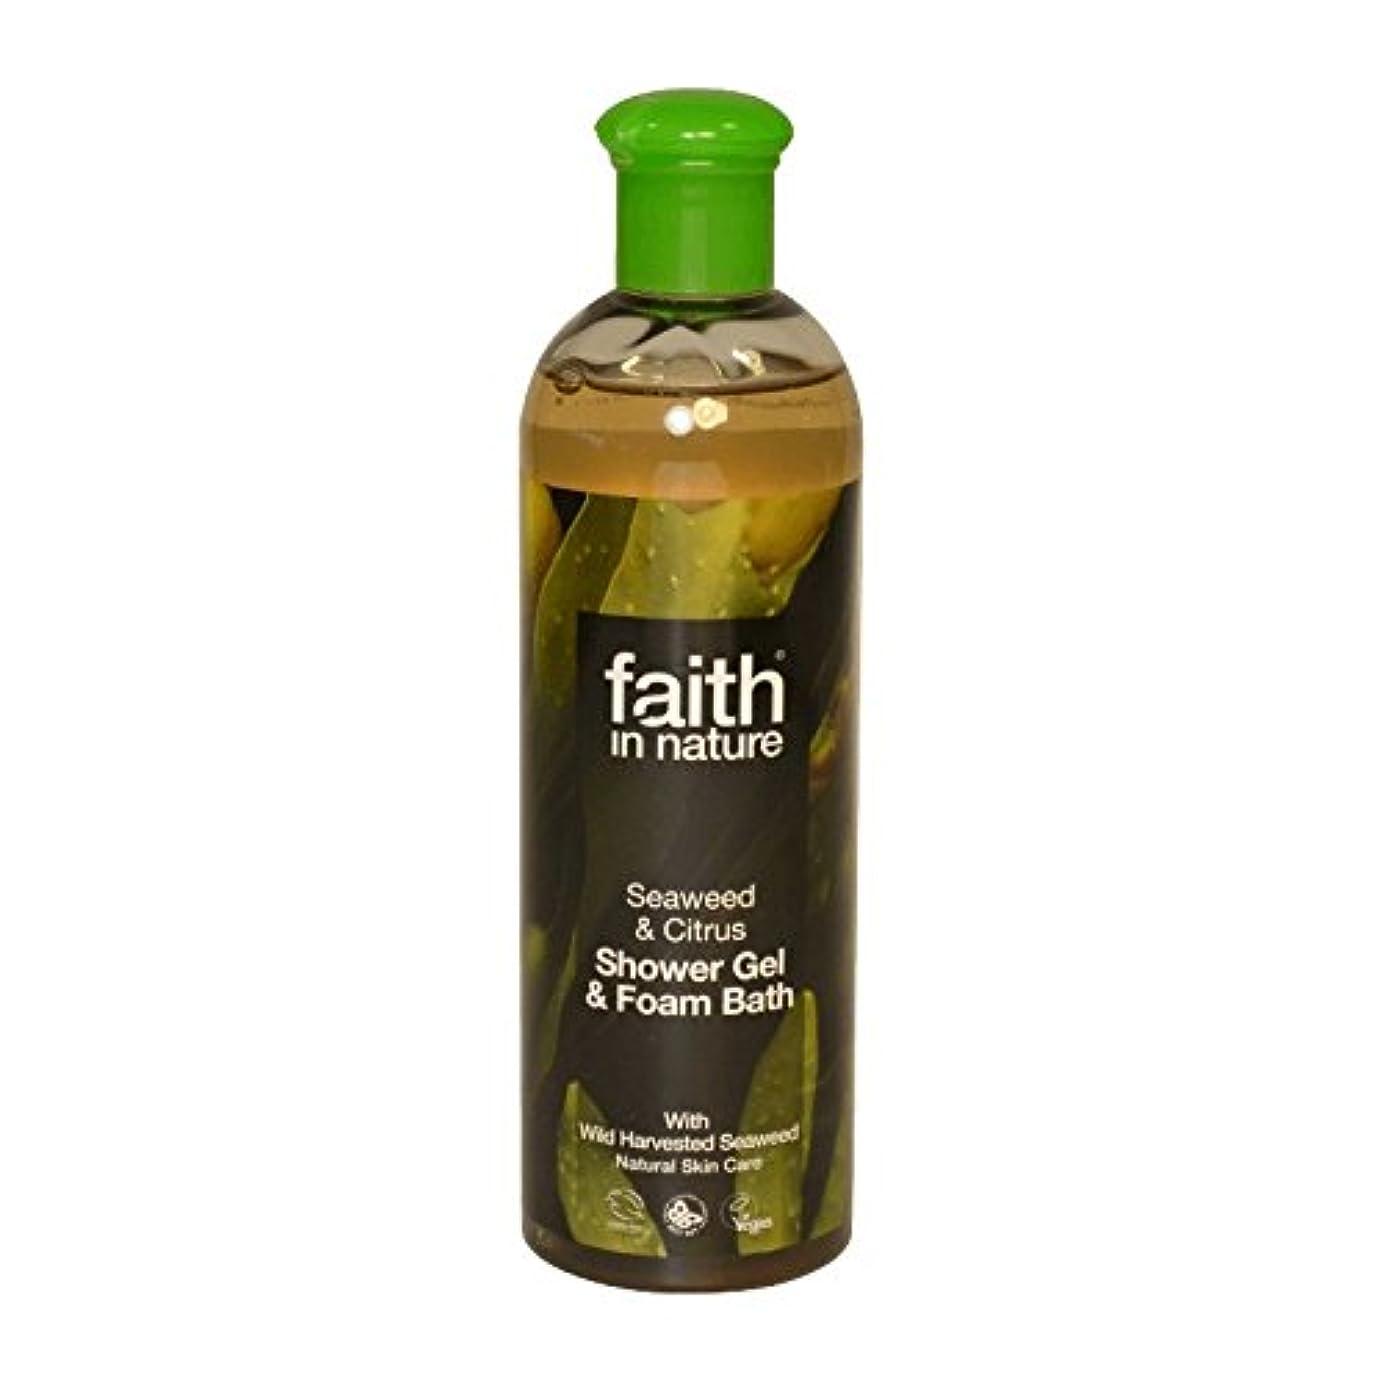 近傍識字証言するFaith in Nature Seaweed & Citrus Shower Gel & Bath Foam 400ml (Pack of 2) - 自然の海藻&シトラスシャワージェル&バス泡400ミリリットルの信仰 (x2) [並行輸入品]